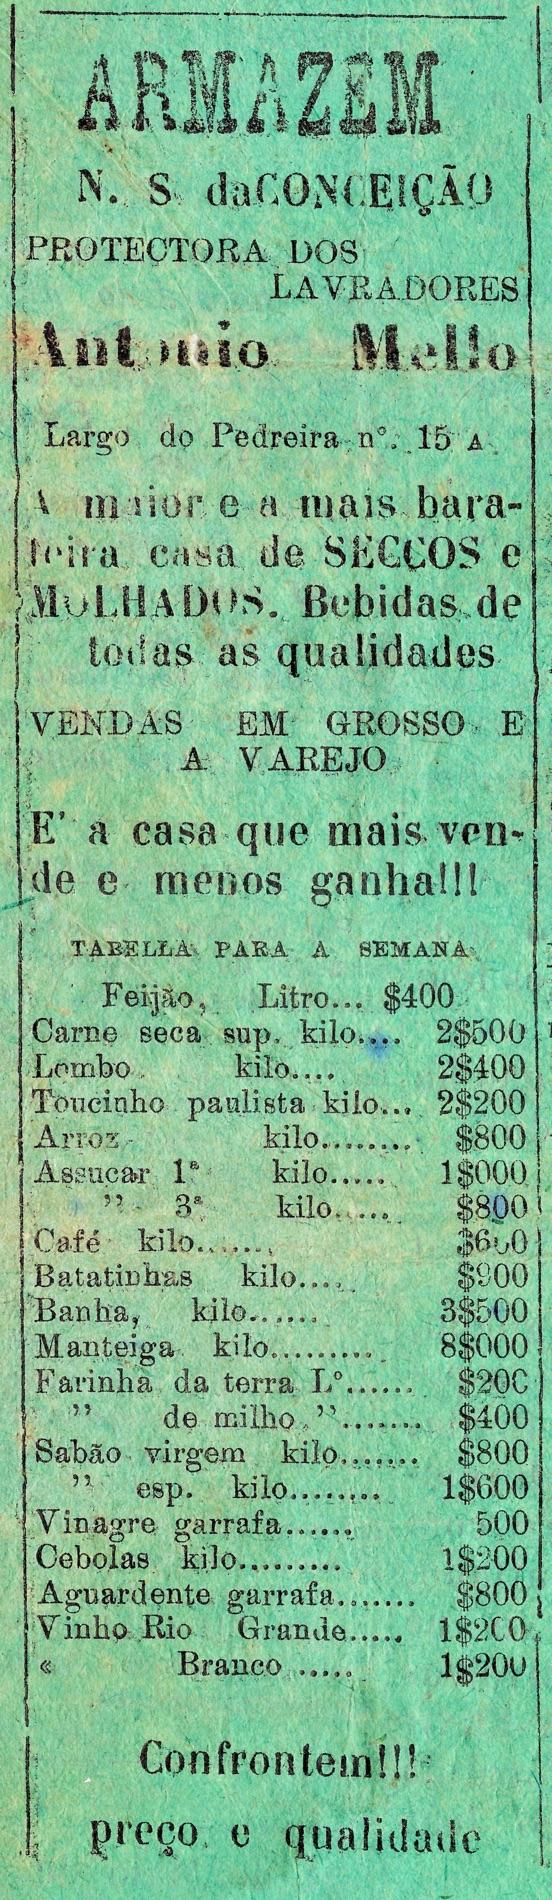 Propaganda antiga do Armazém N. S da Conceição veiculada em 1932 na cidade de Paraty-RJ